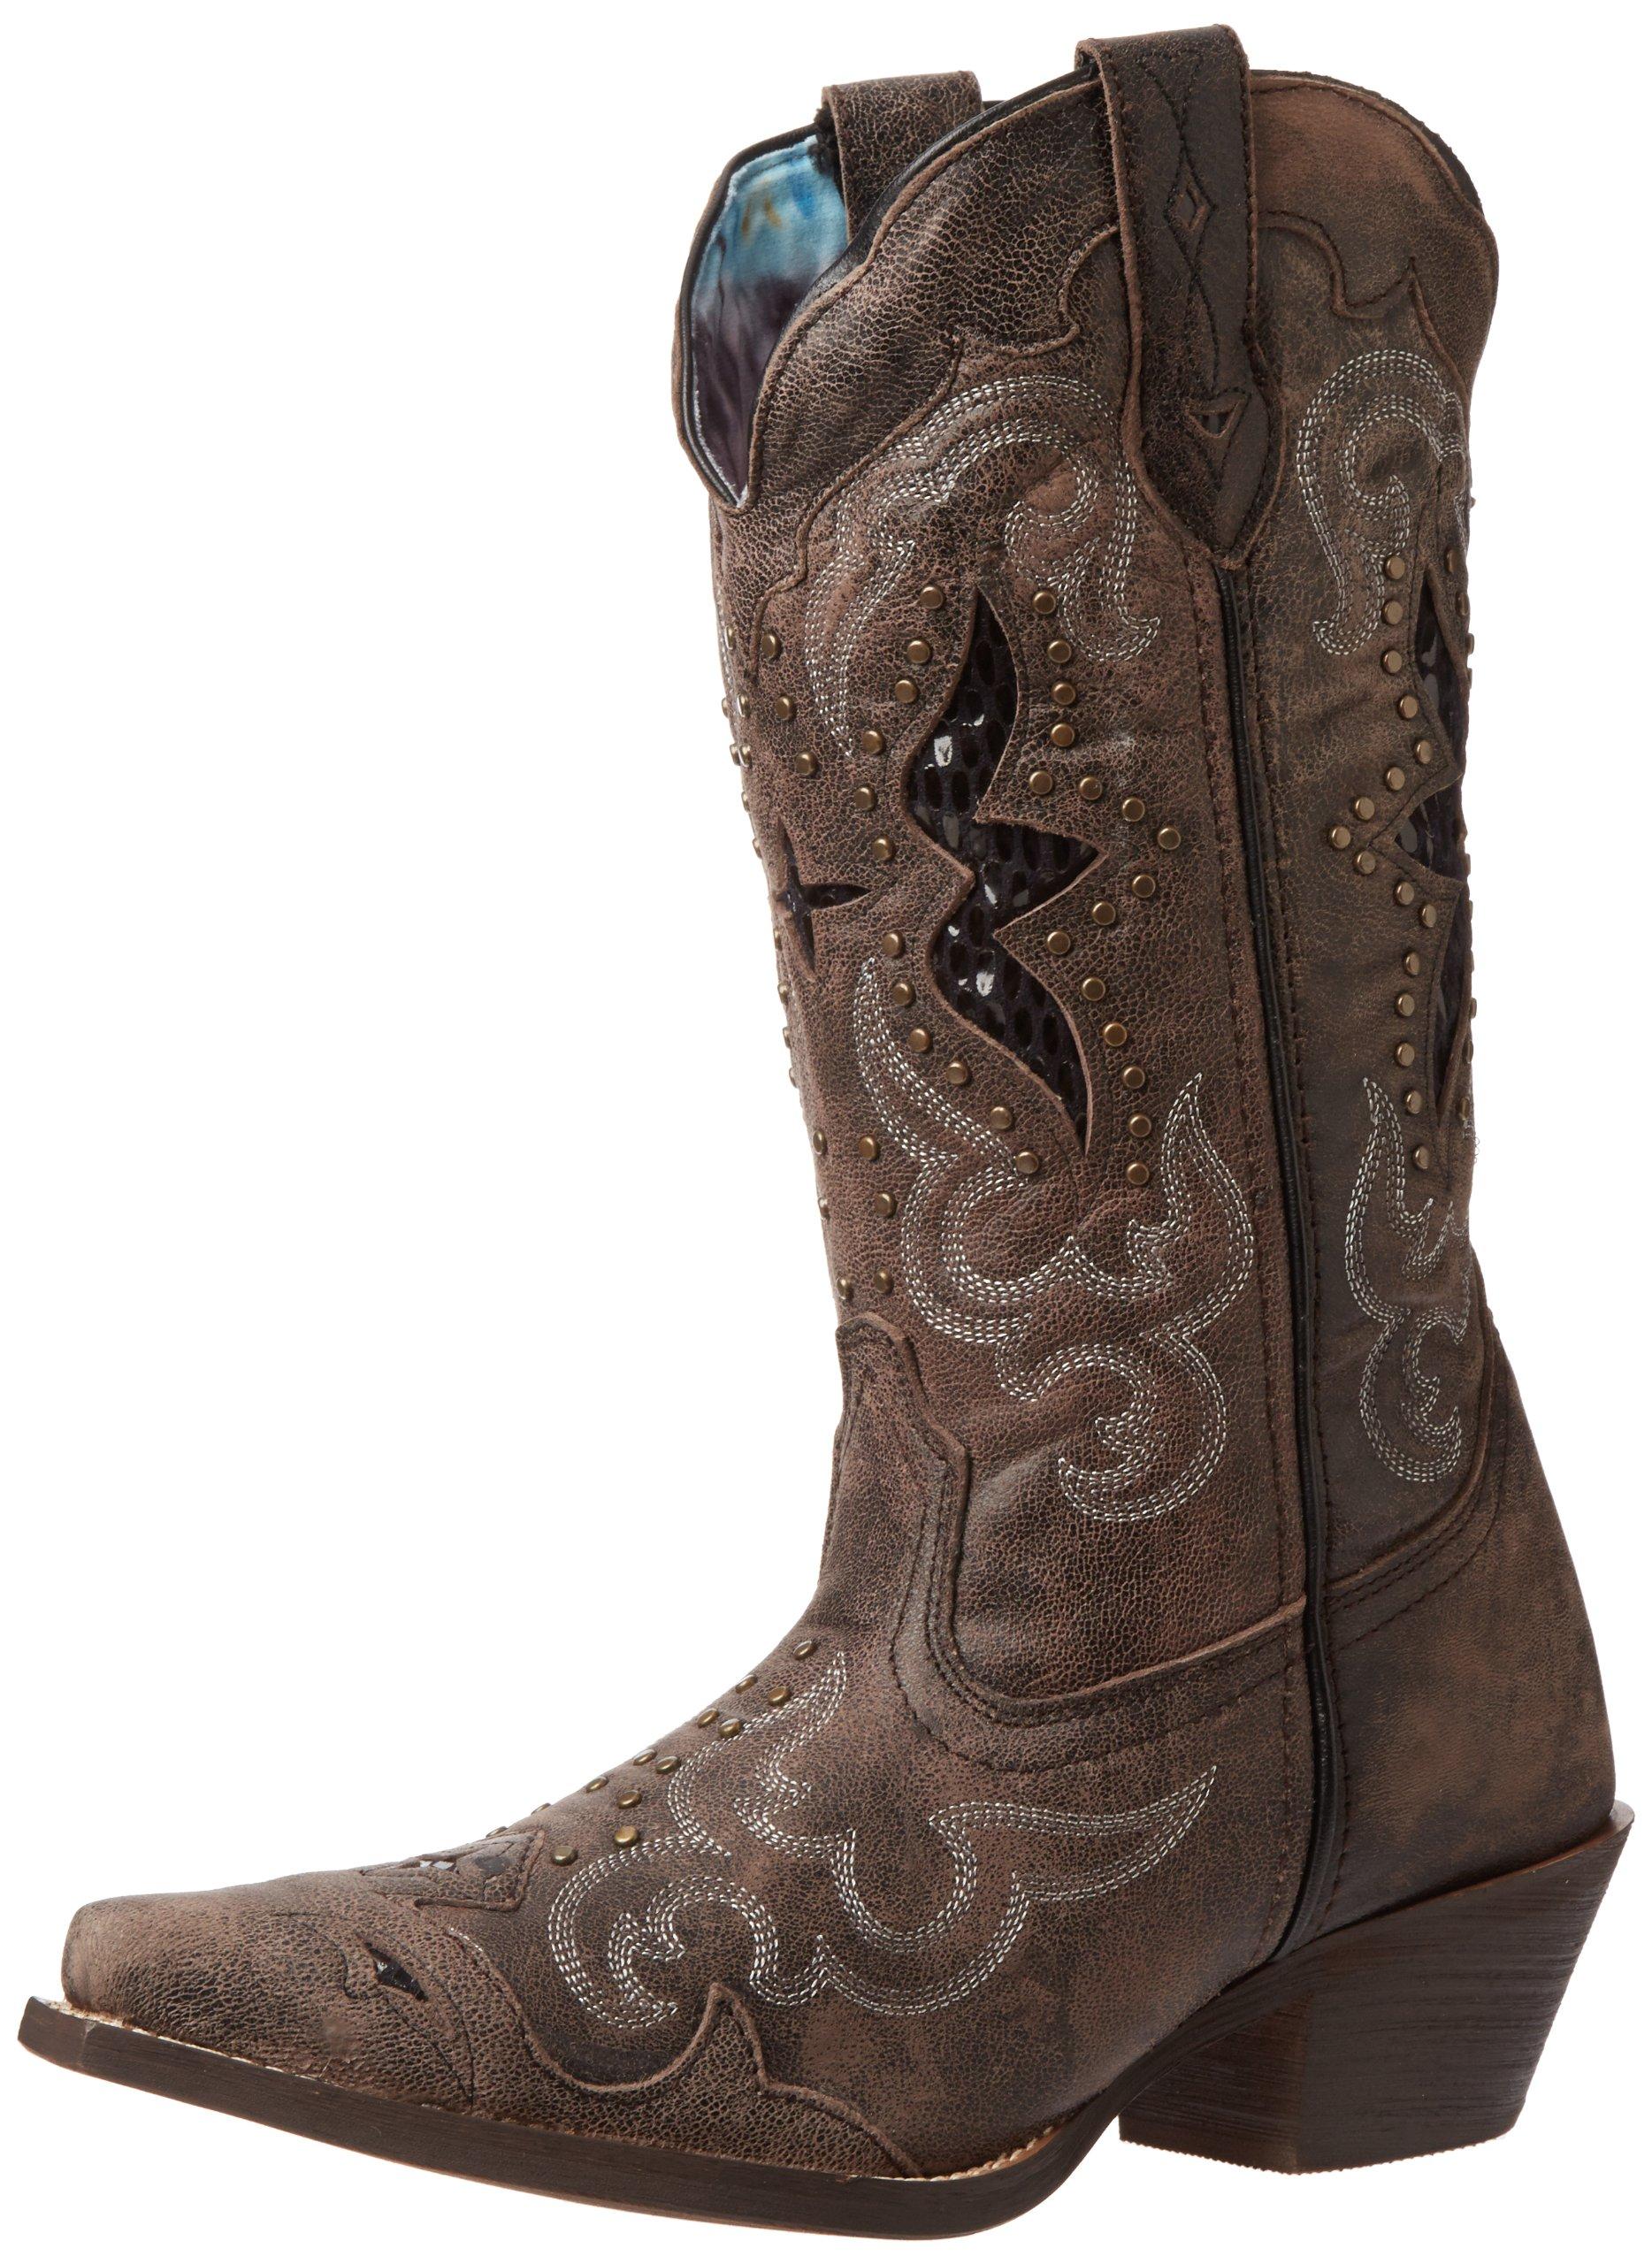 Laredo Women's Lucretia Western Boot,Black/Tan,9 M US